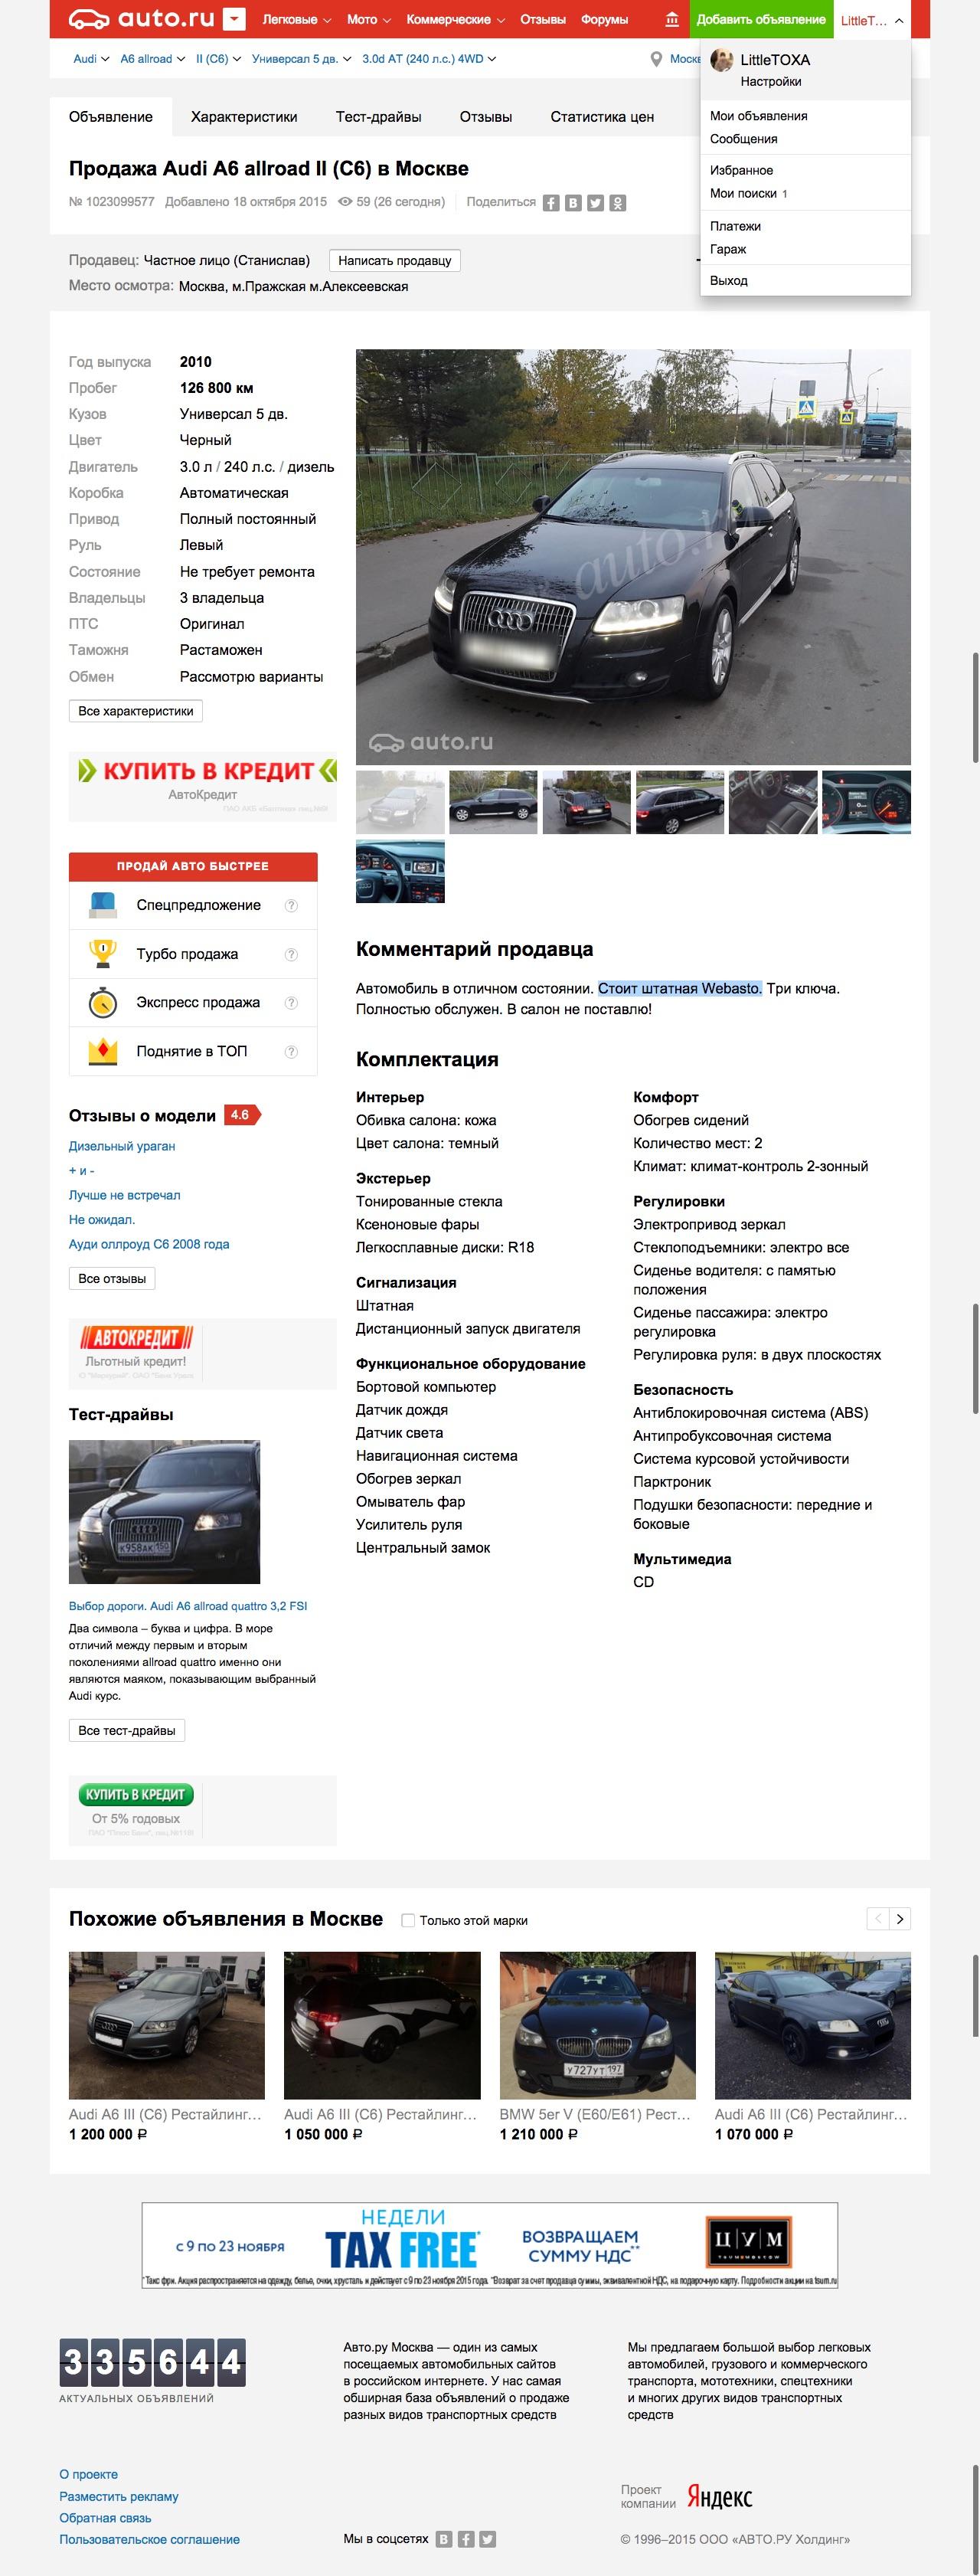 Объявление авто.ру